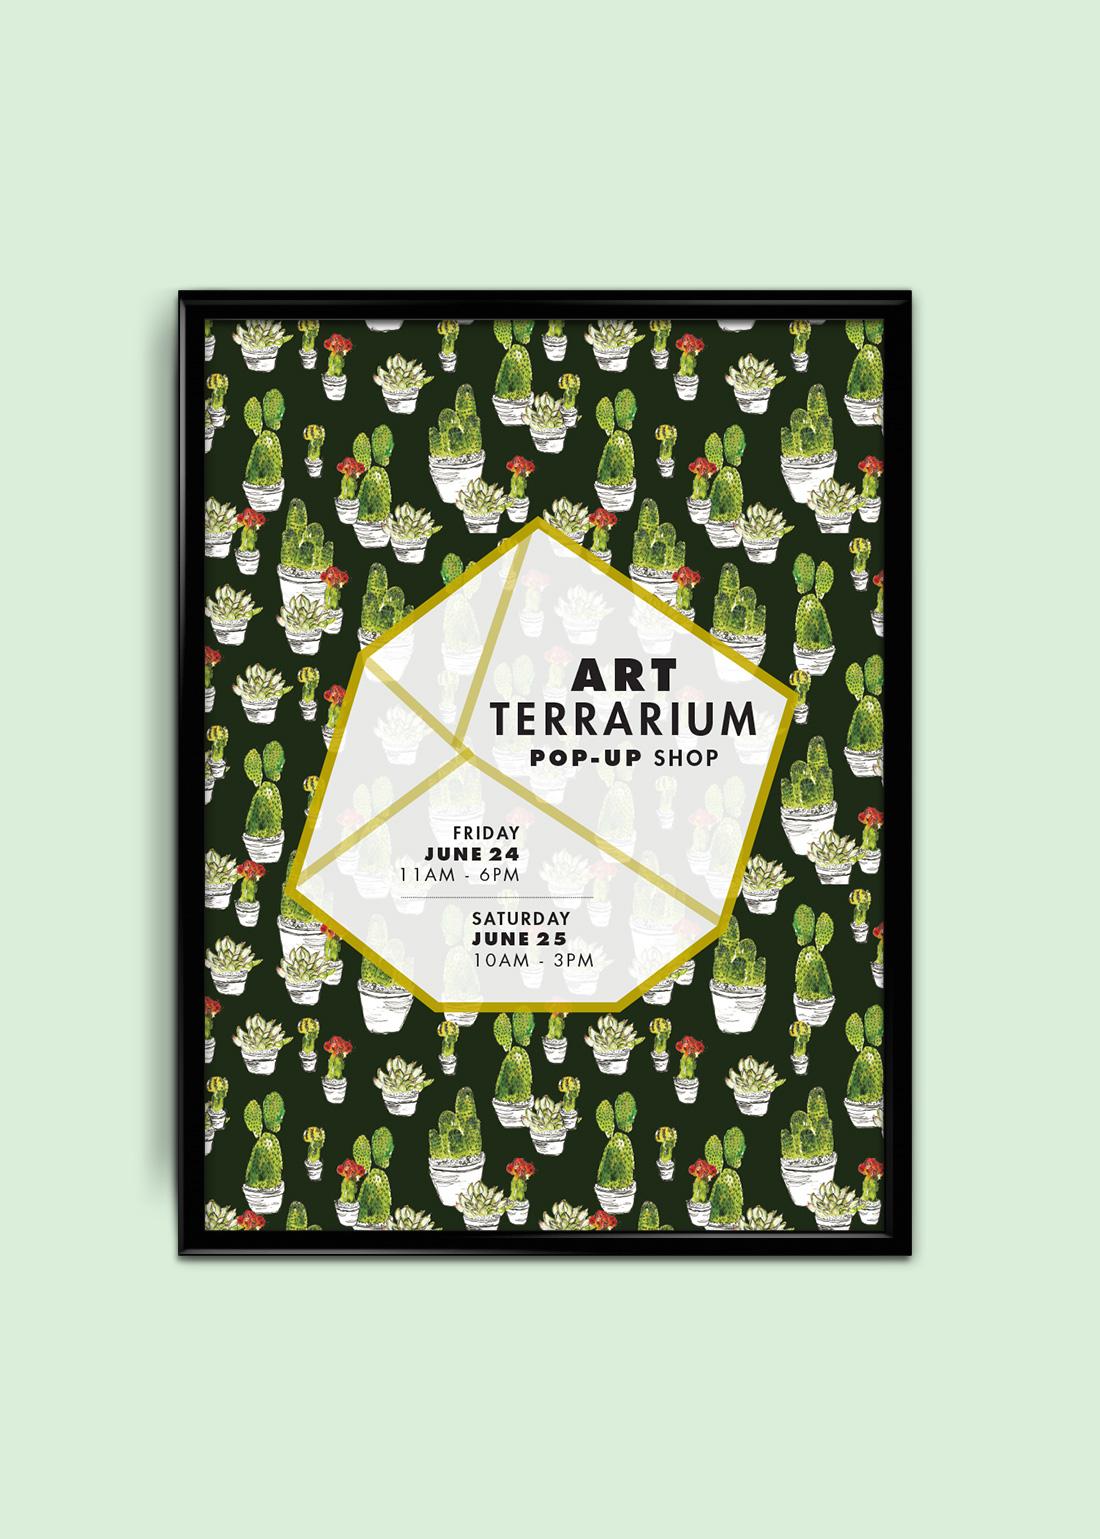 art-terrarium-poster-squarespace.jpg